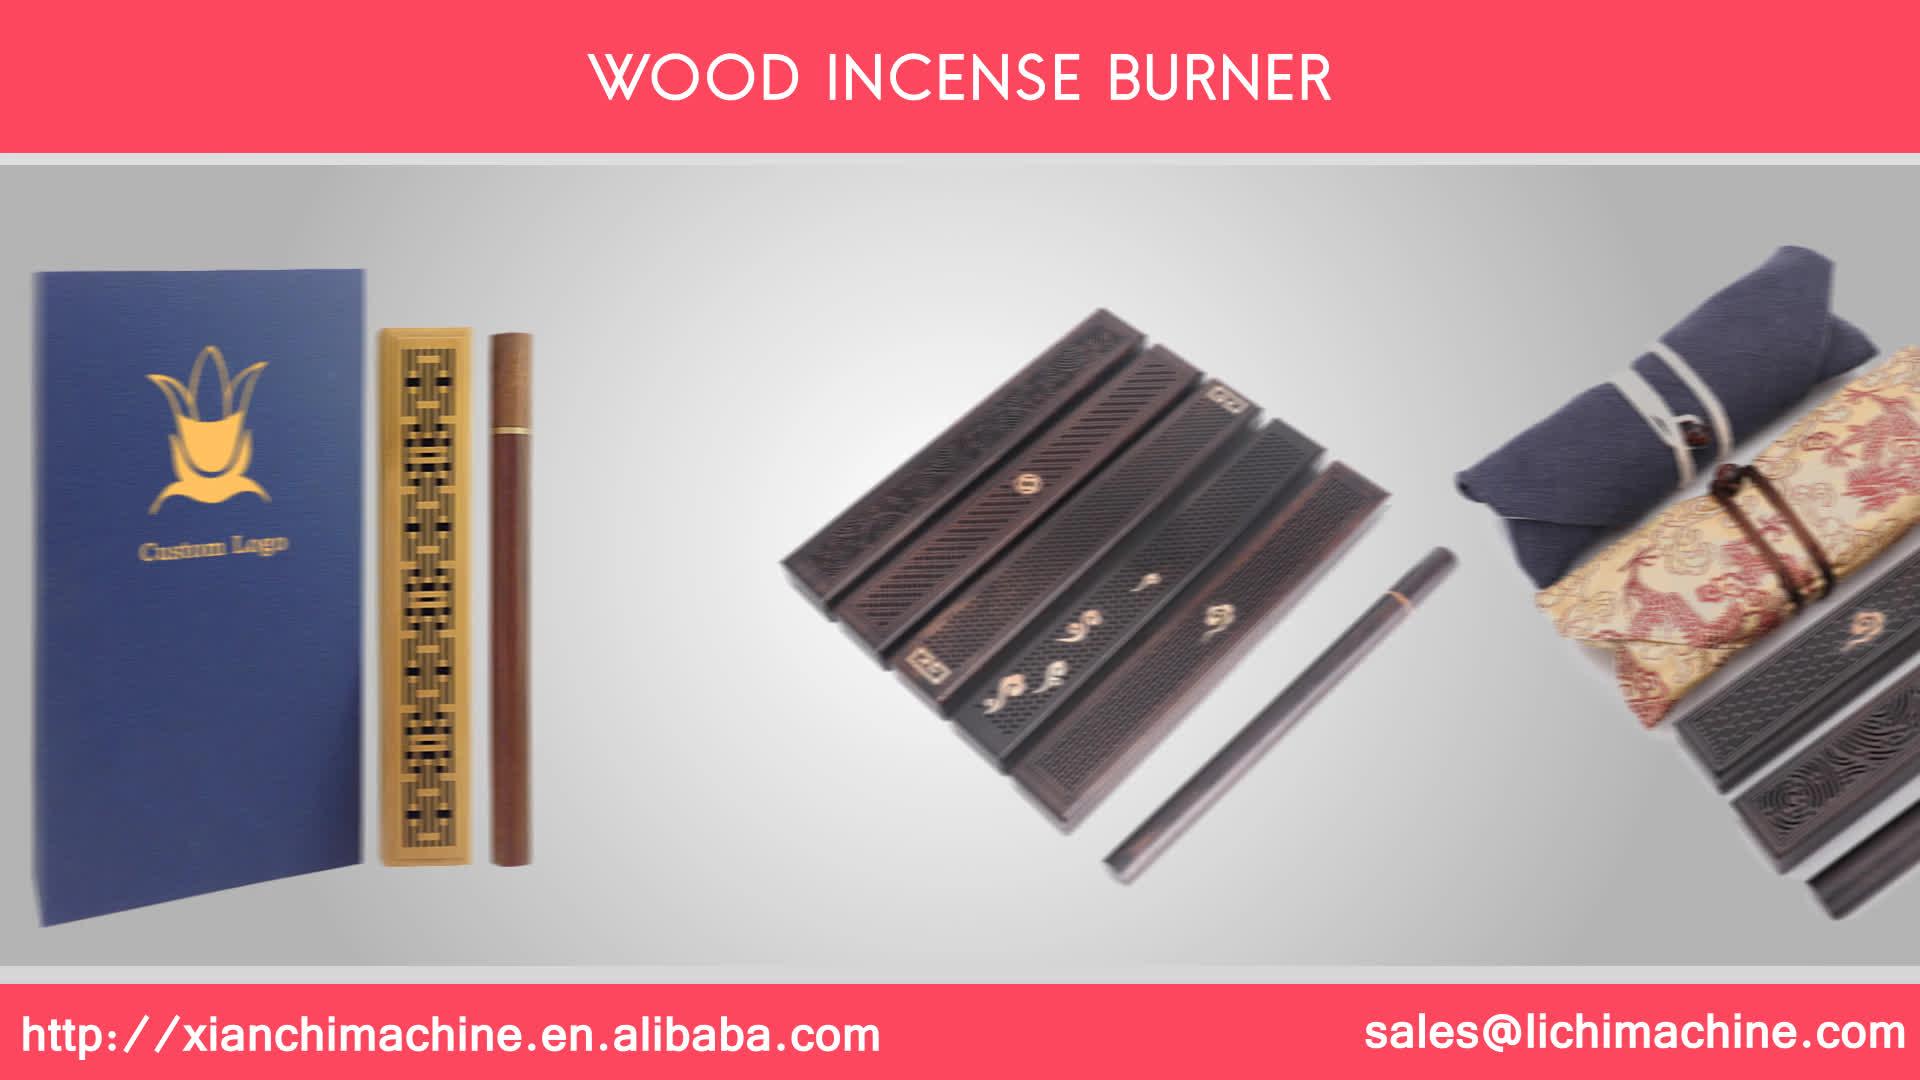 Anpassbare verpackung bambus Weihrauch brenner